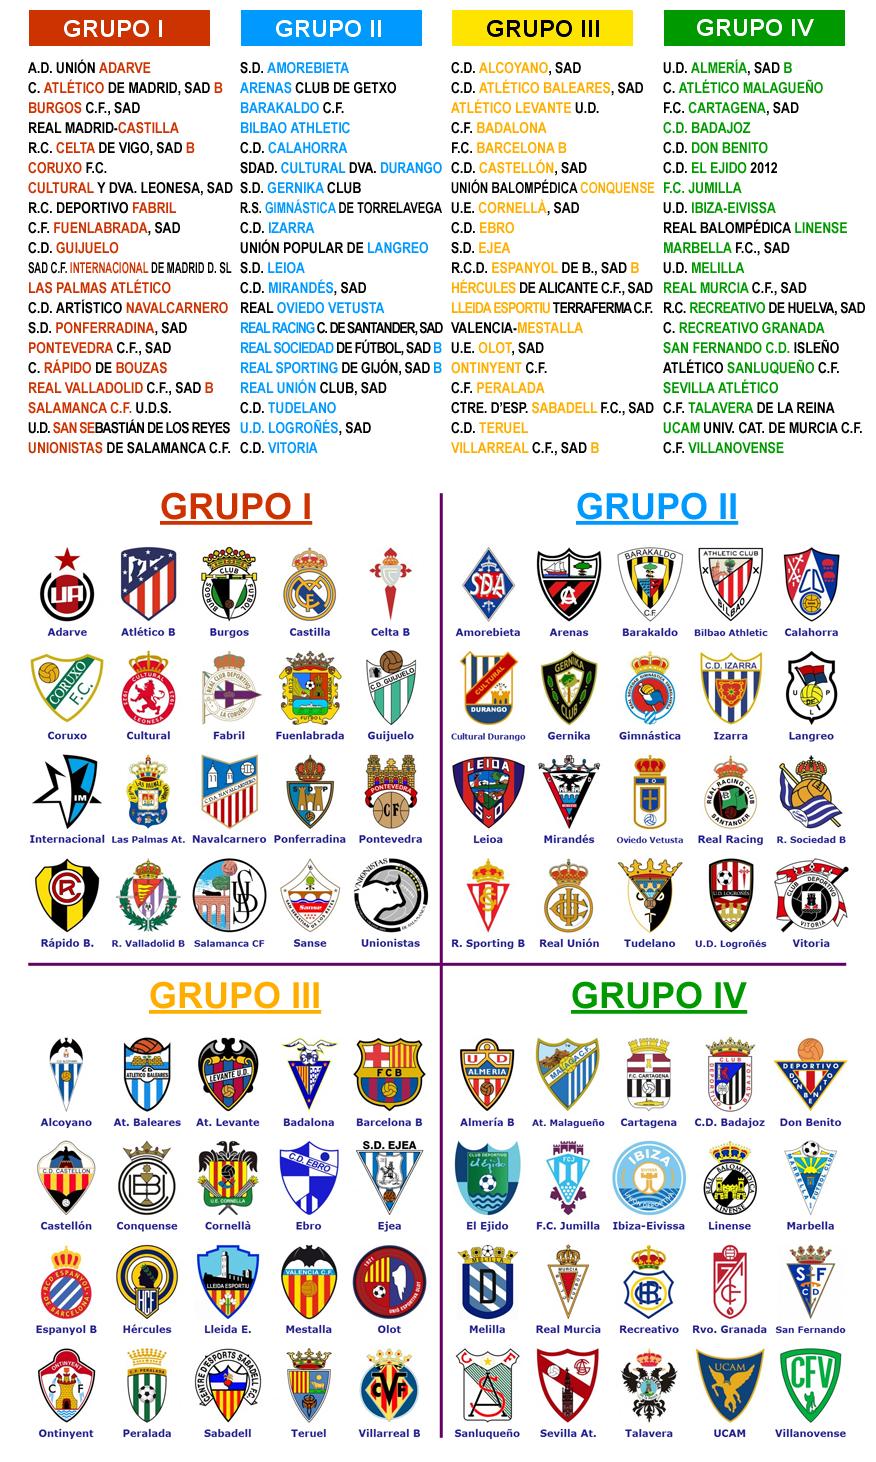 Segunda División B :: La Futbolteca. Enciclopedia del Fútbol Español